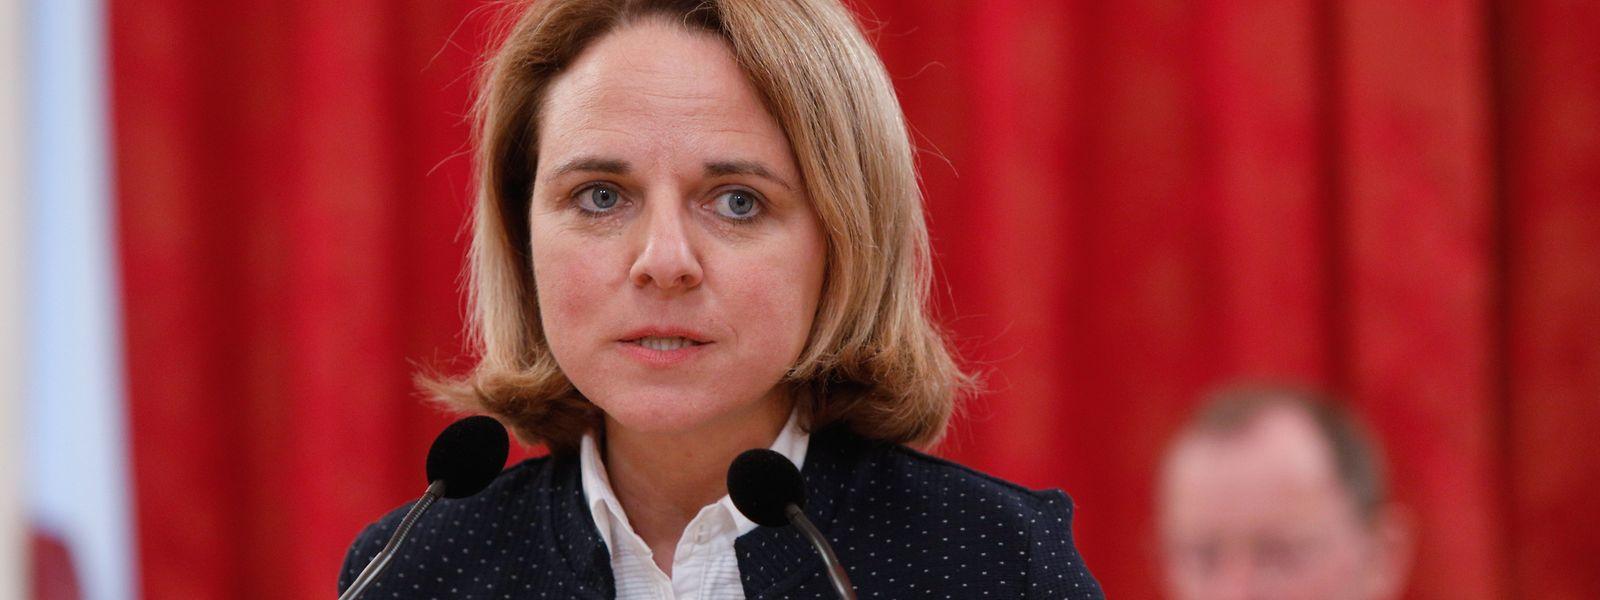 Corinne Cahen a-t-elle pleinement assumé ses responsabilités dans la gestion de crise covid ? Toute l'opposition en doute.